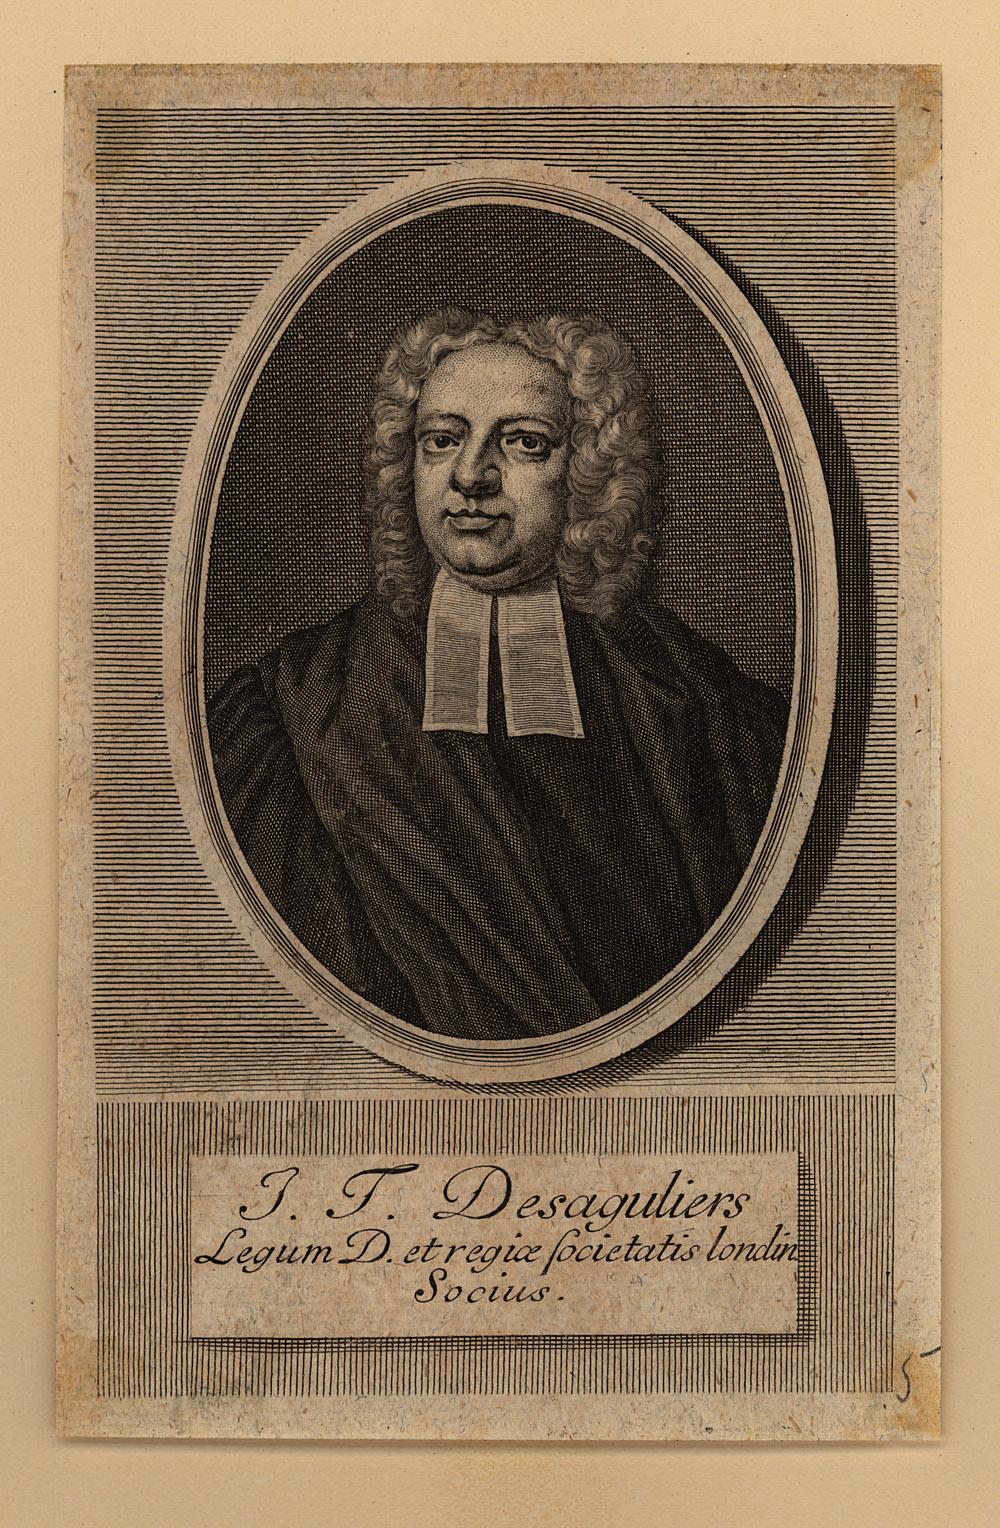 Portrait of John Theophilus Desaguliers,  Image number:SIL14-D3-02a